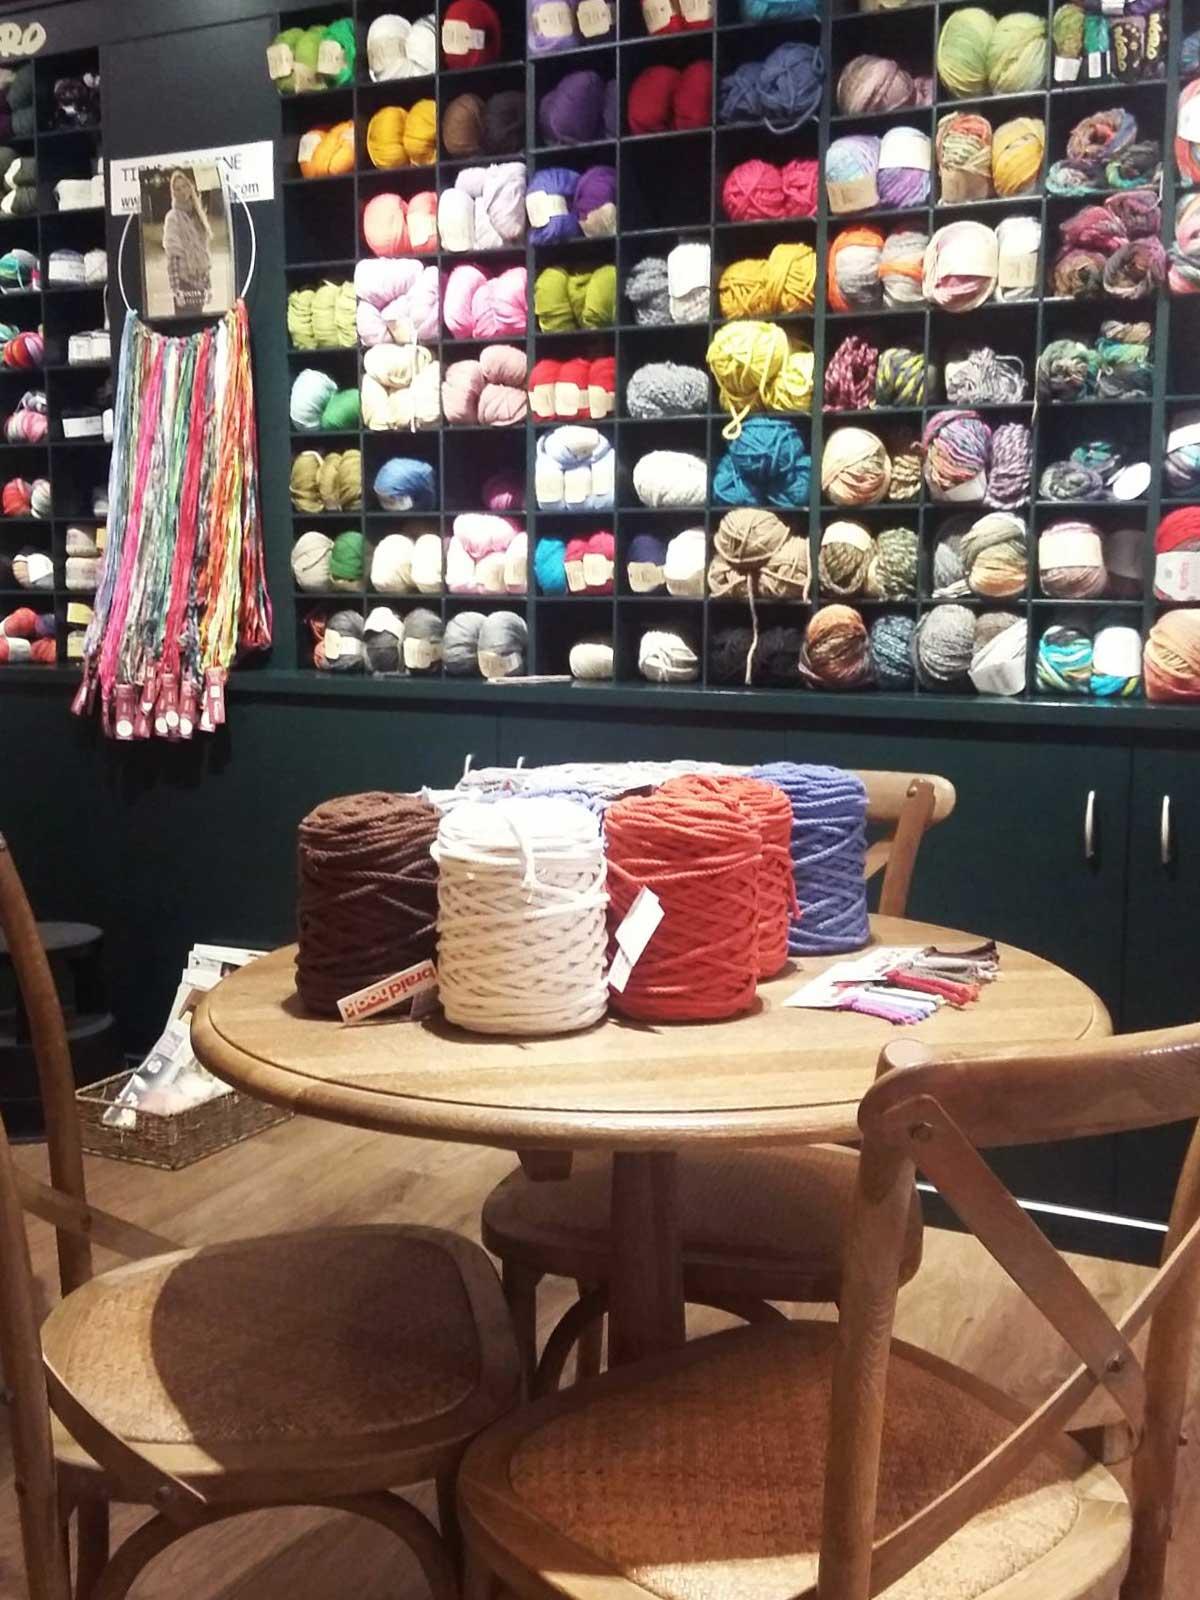 Mesas são ponto de encontro de artesãs no ateliê de artesanato Oyambre, em Barcelona